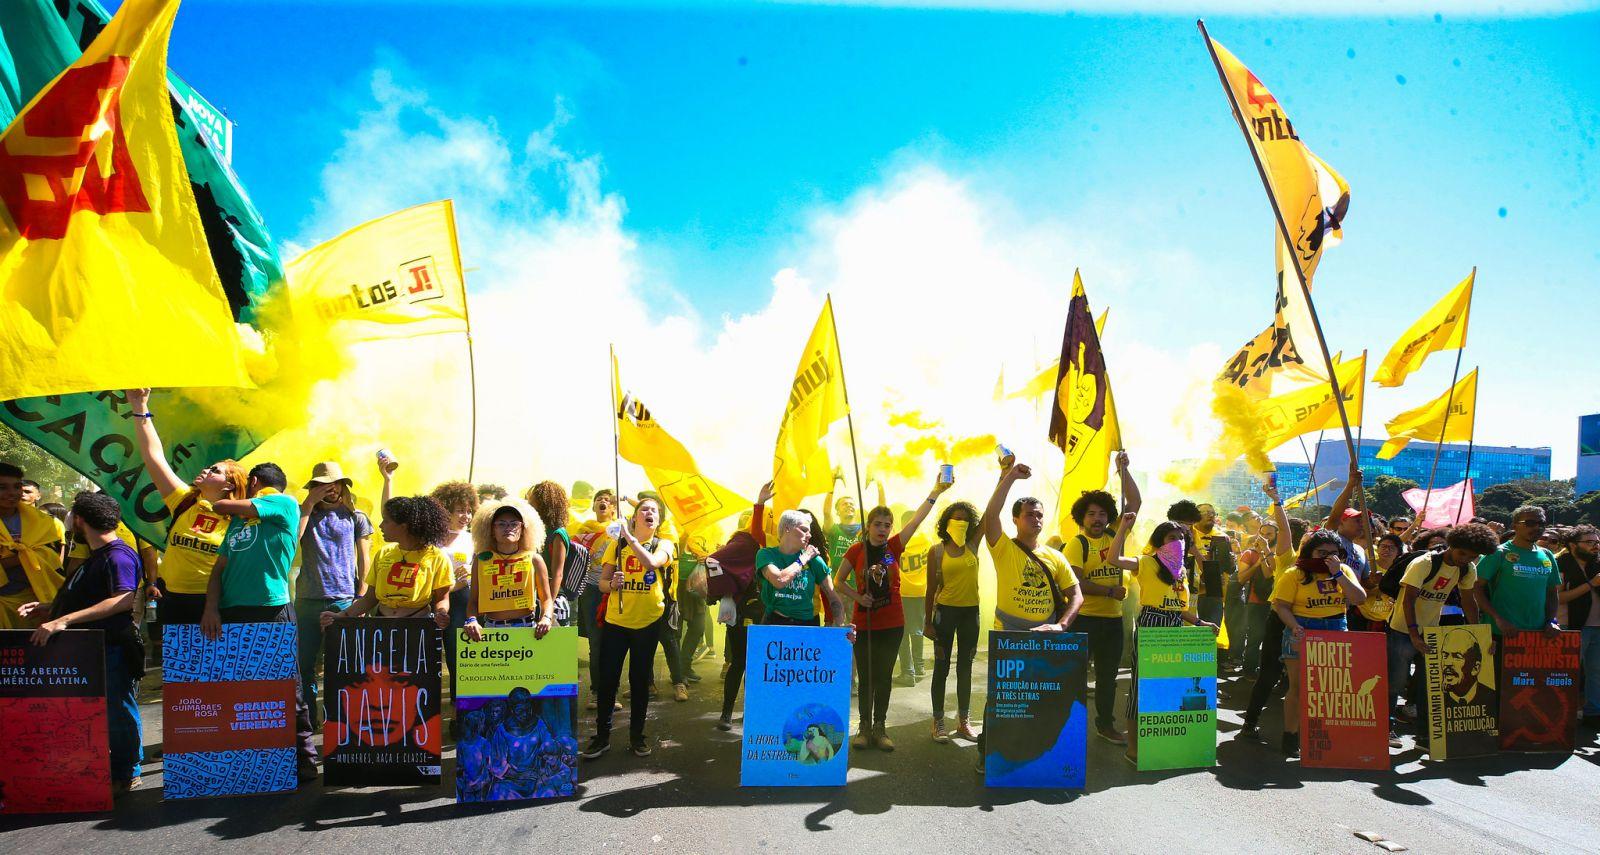 Manifestação de estudantes na esplanada dos ministérios contra a reforma da previdência e cortes na educação. Foto Lula Marques.